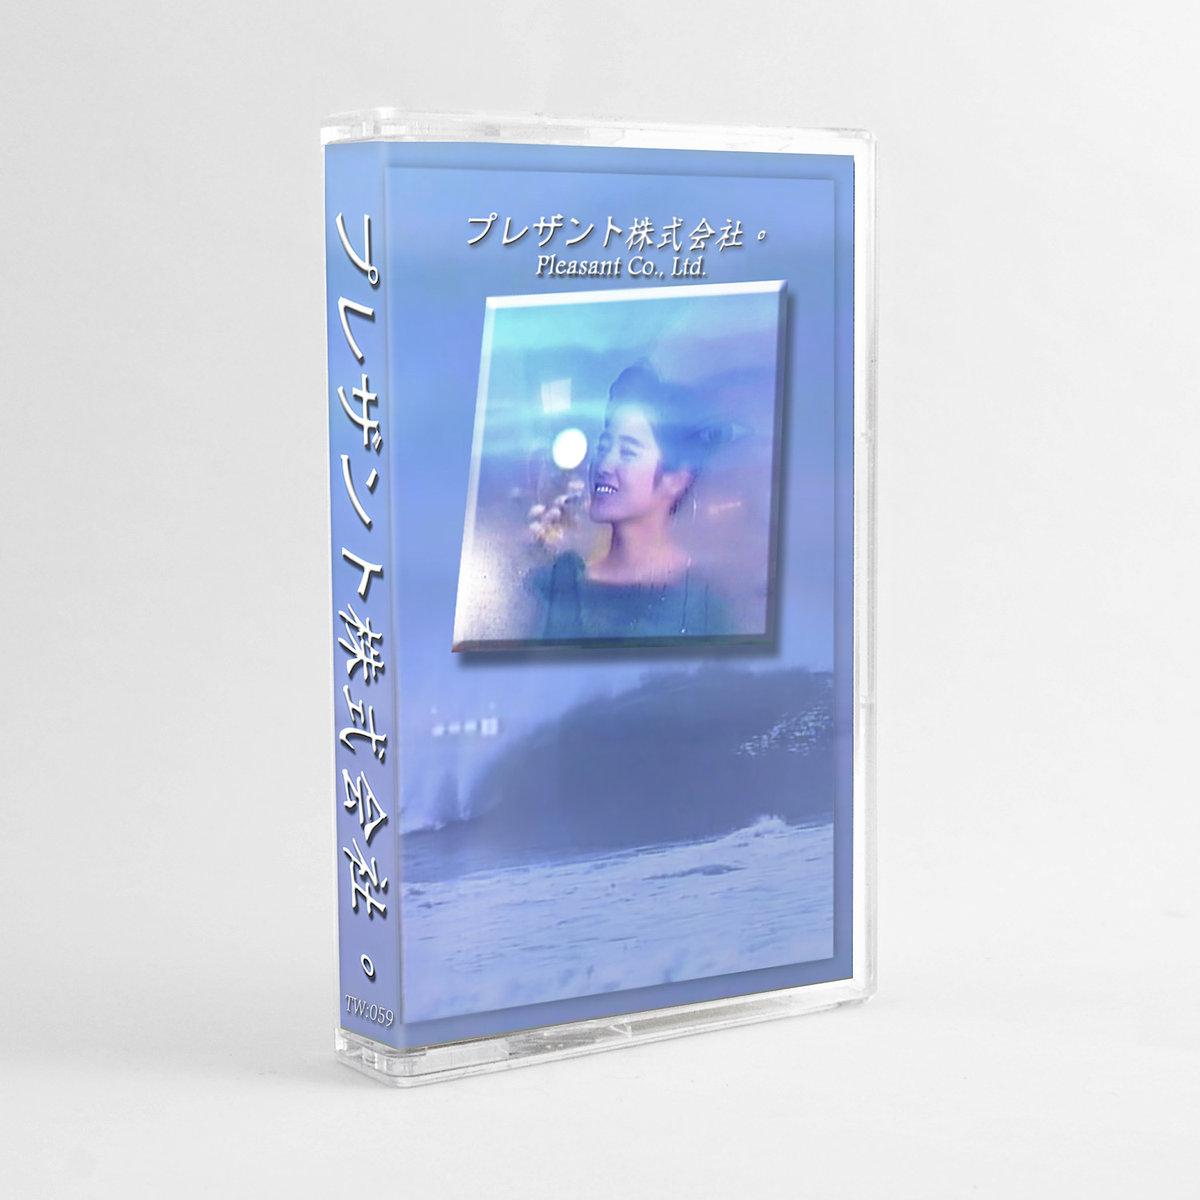 プレザント株式会社。 by m a t u s a (Cassette) 1